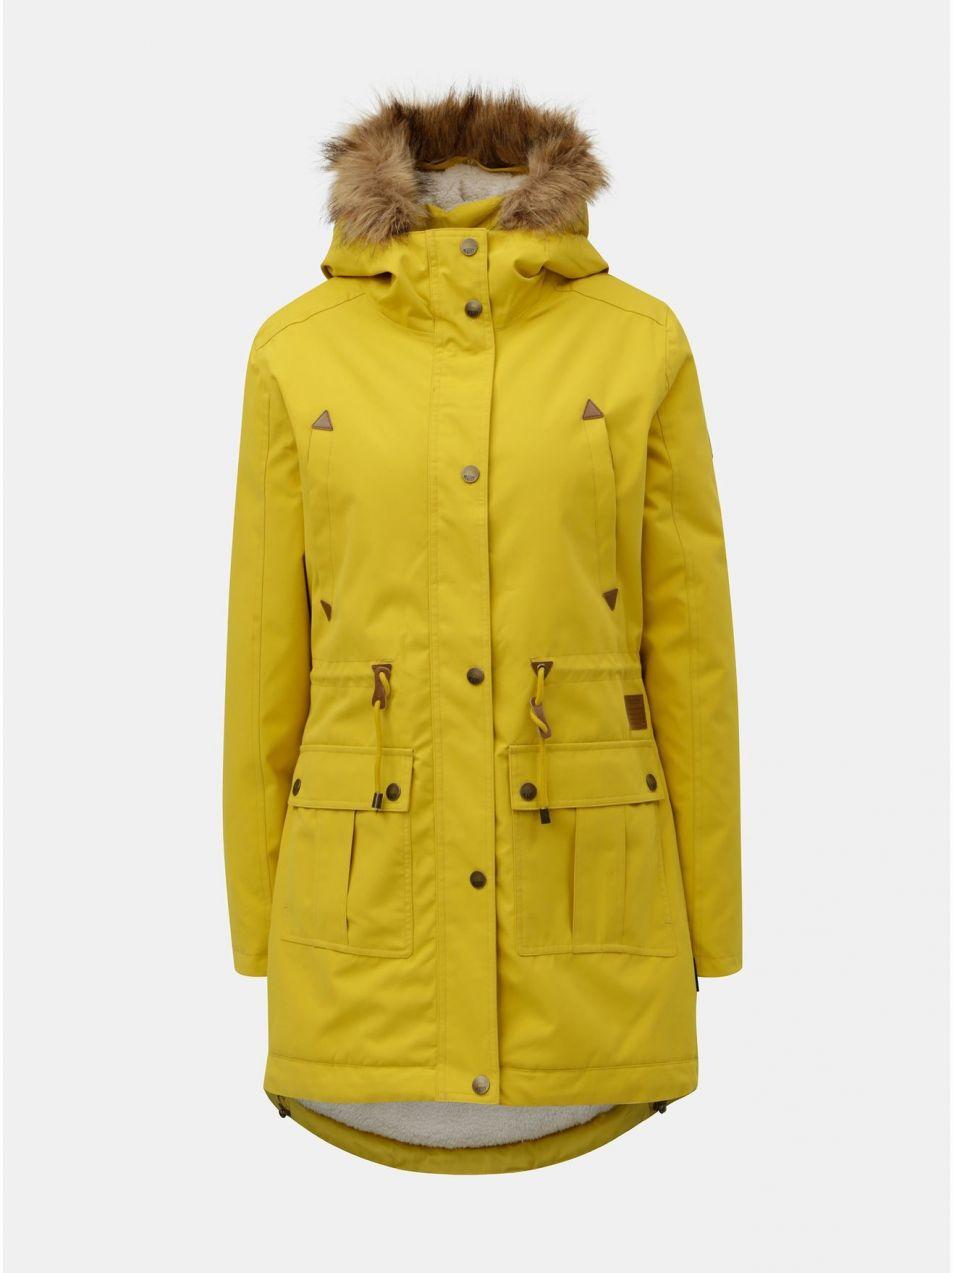 Žltá dámska zimná parka s vnútornou umelou kožušinkou Meatfly Rainy značky  Meatfly - Lovely.sk 97c91209dc3